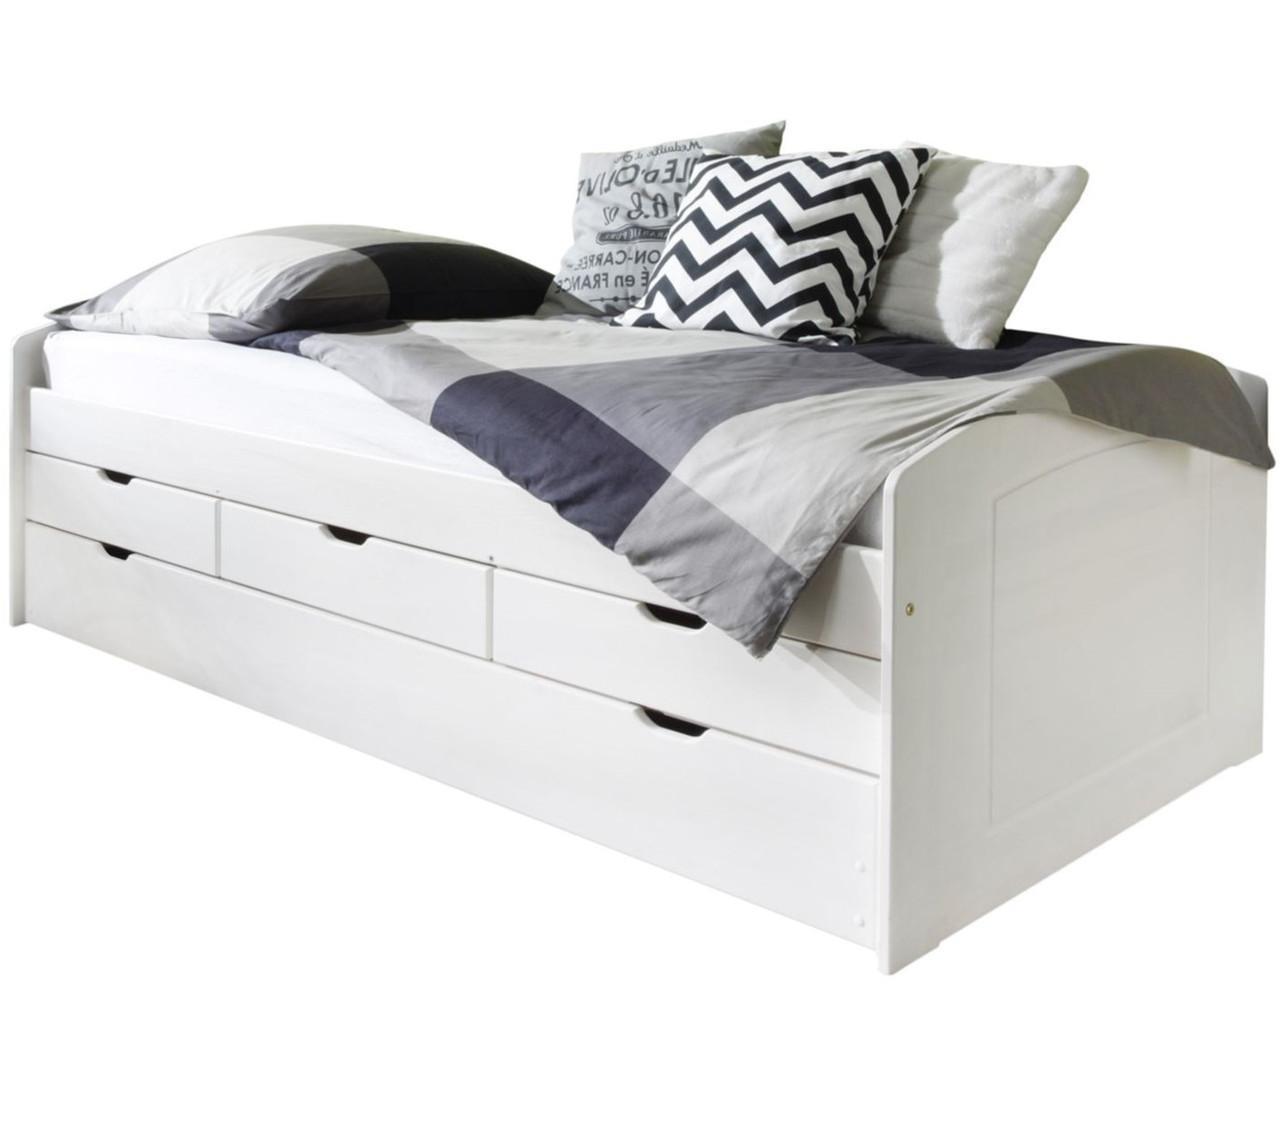 Односпальная кровать B022 с ящиками и дополнительным спальным местом деревянная белый ТМ Mobler